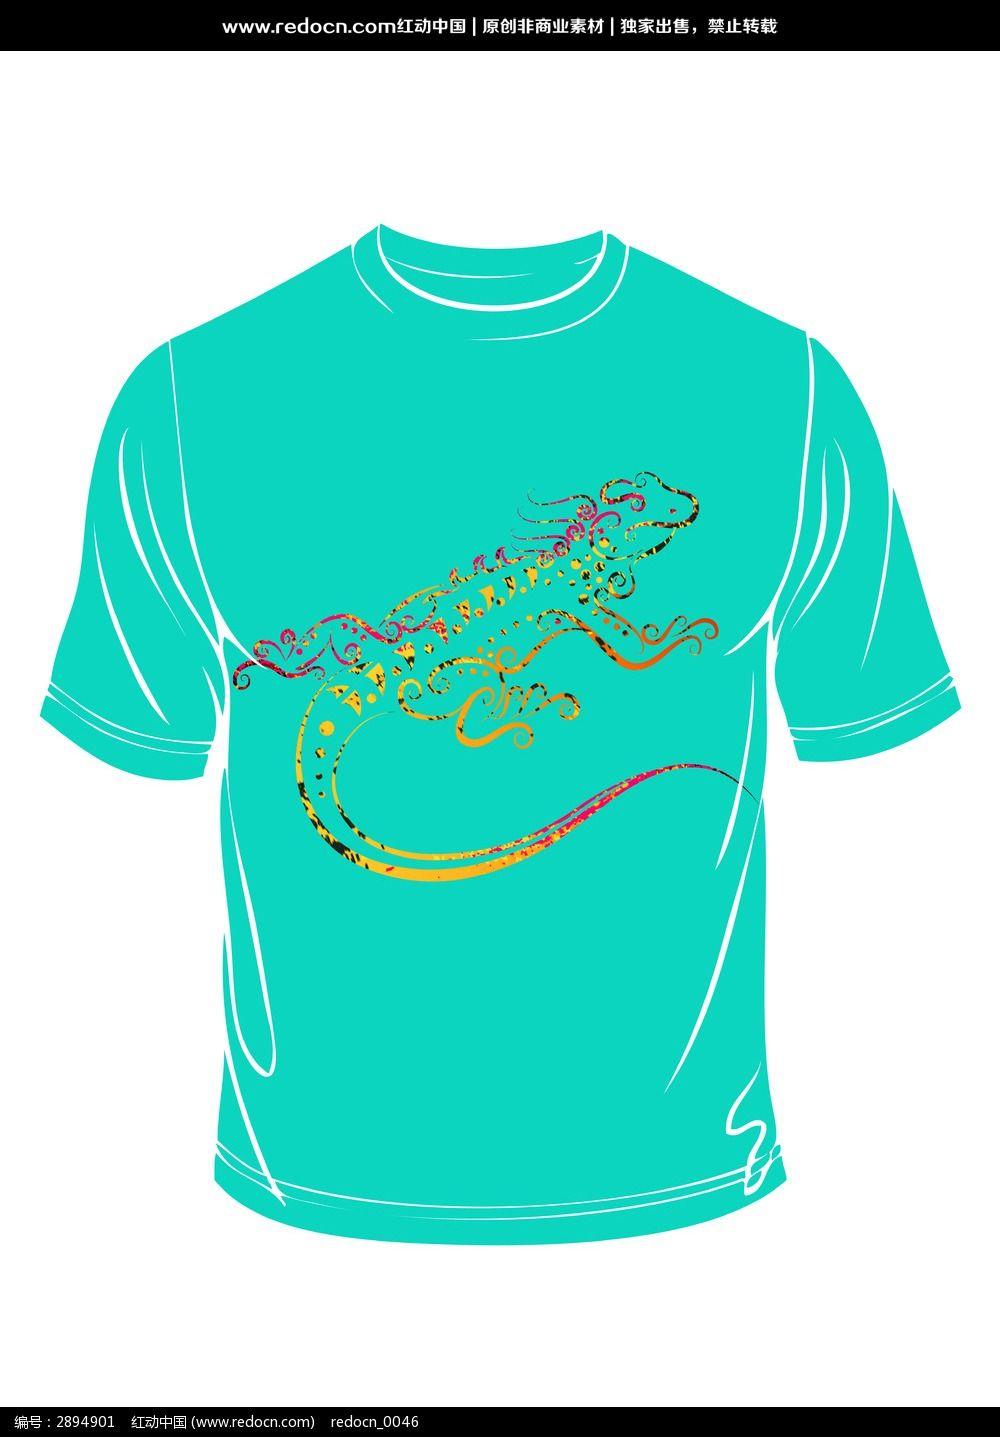 鳄鱼图案t恤印花图片